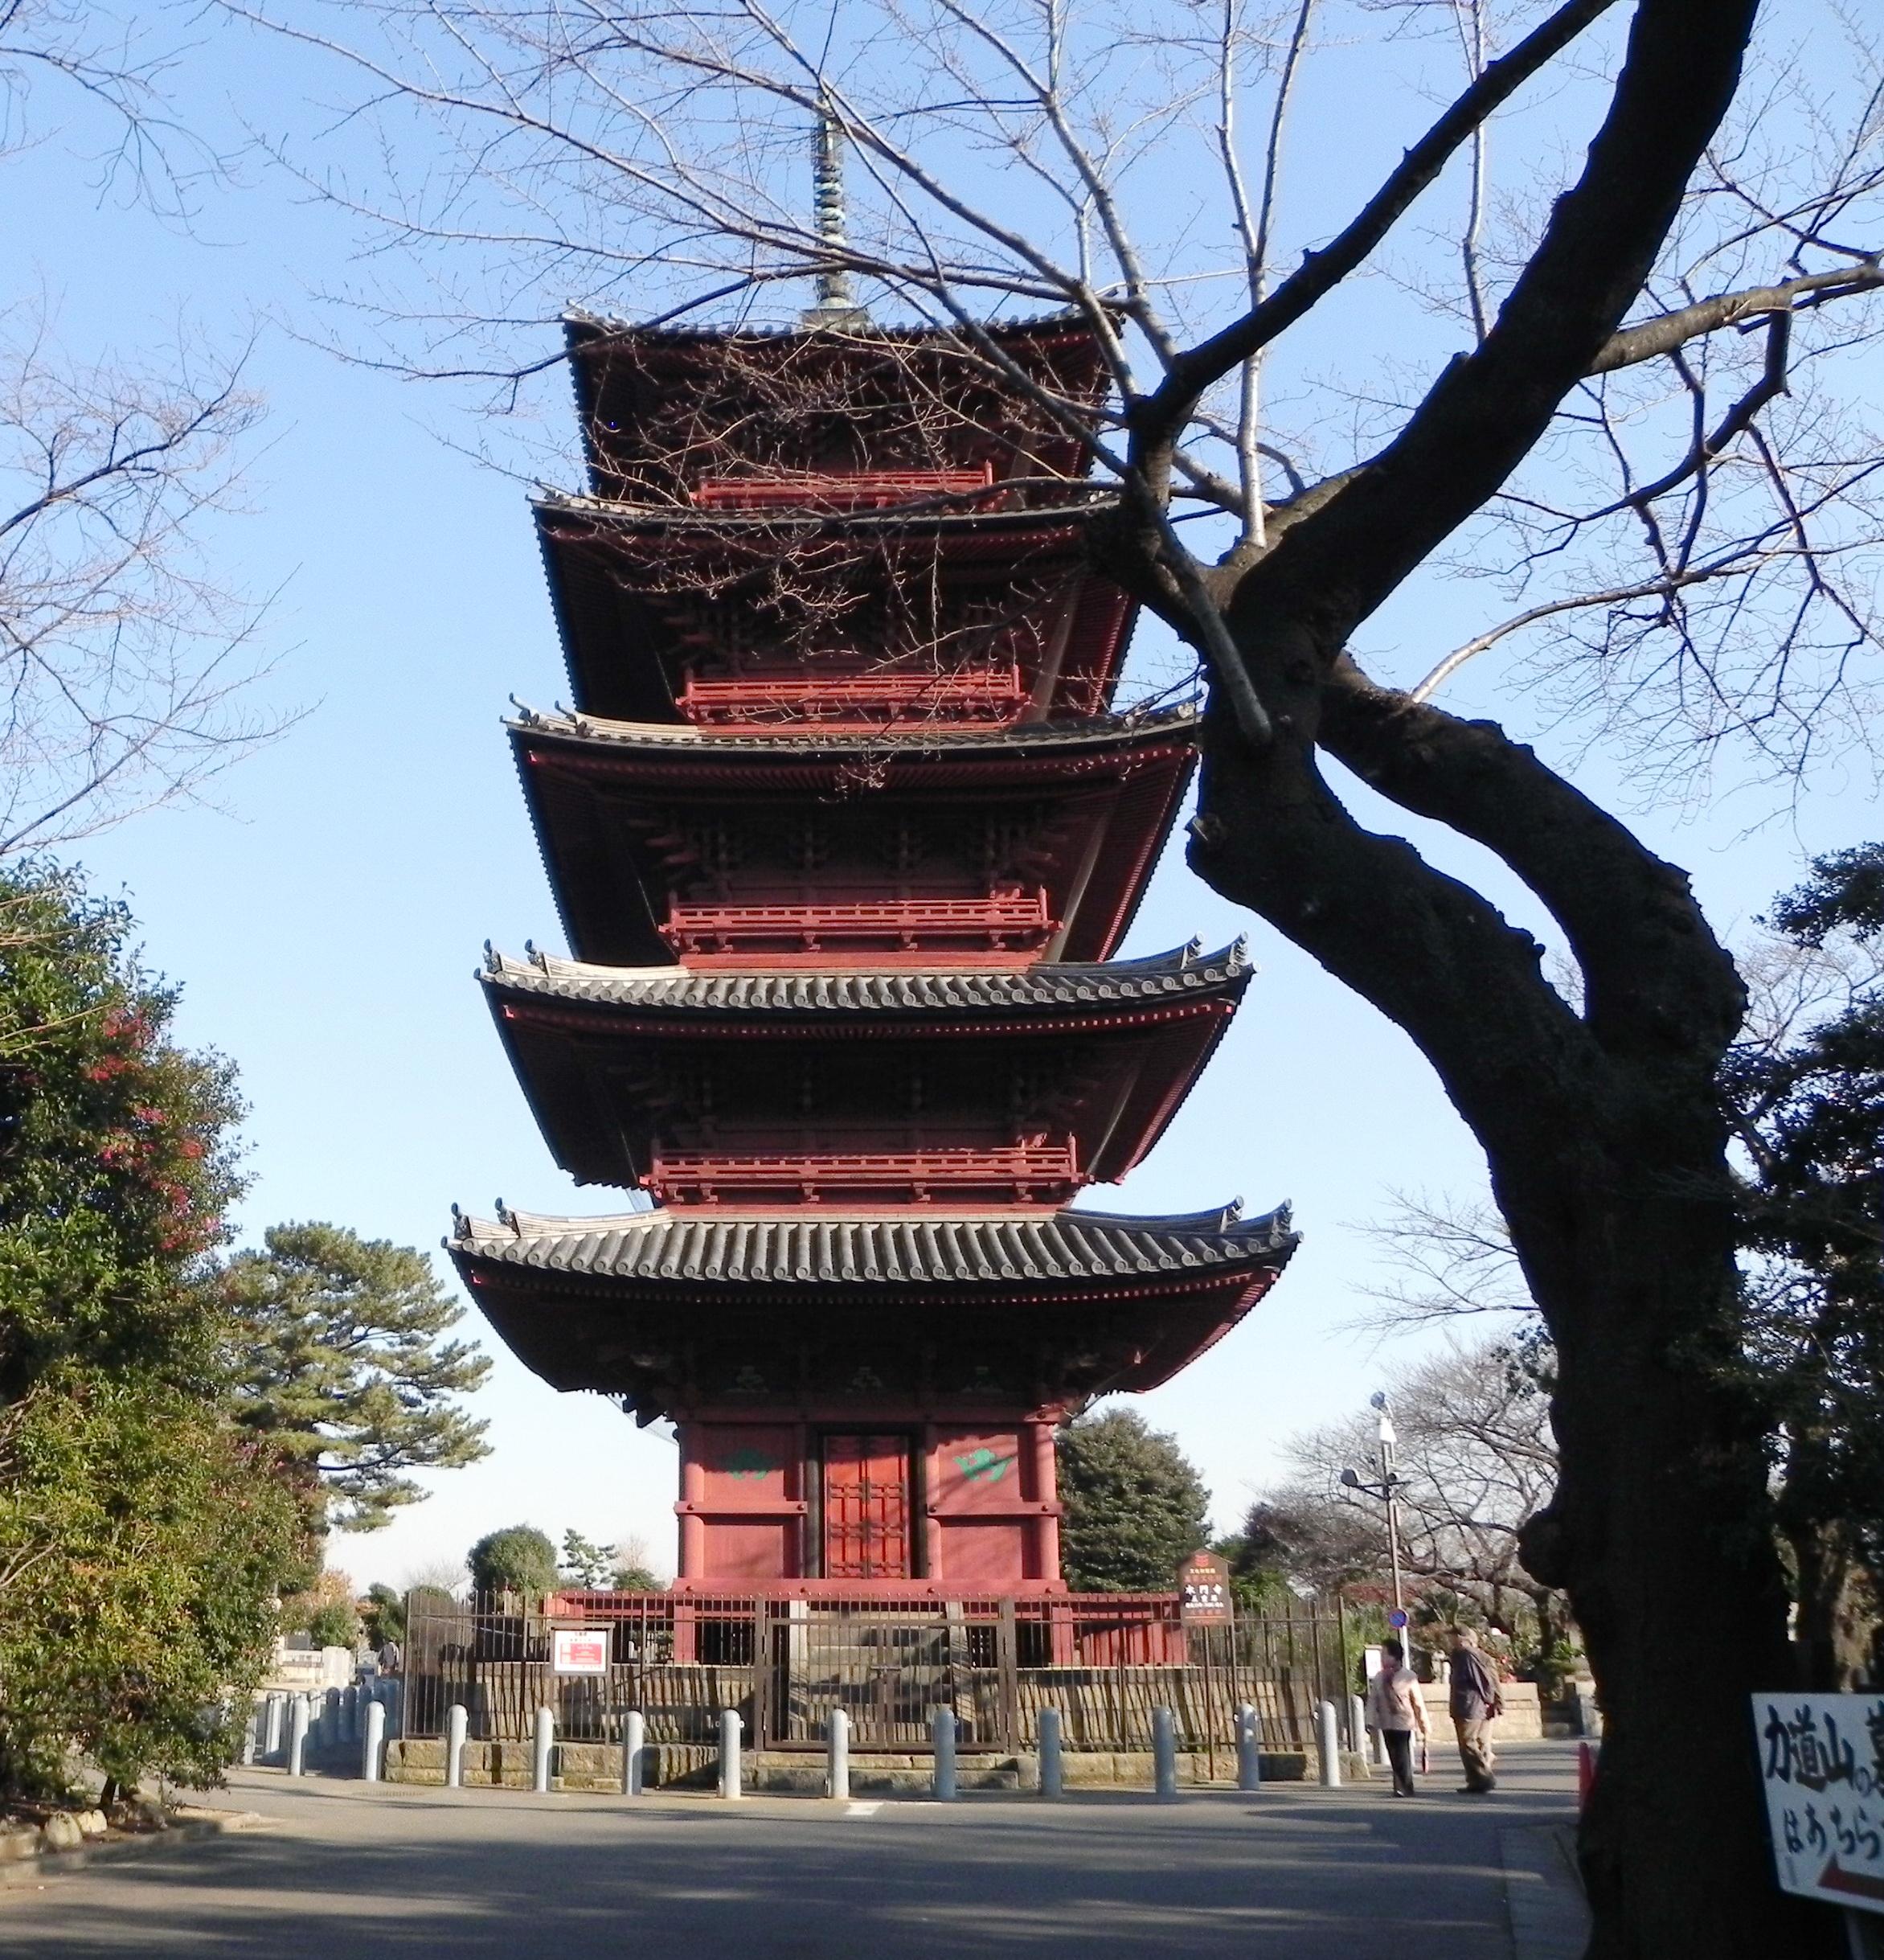 SWR Bildung: Erdbebenfrühwarnung in Japan – blog michael hänel